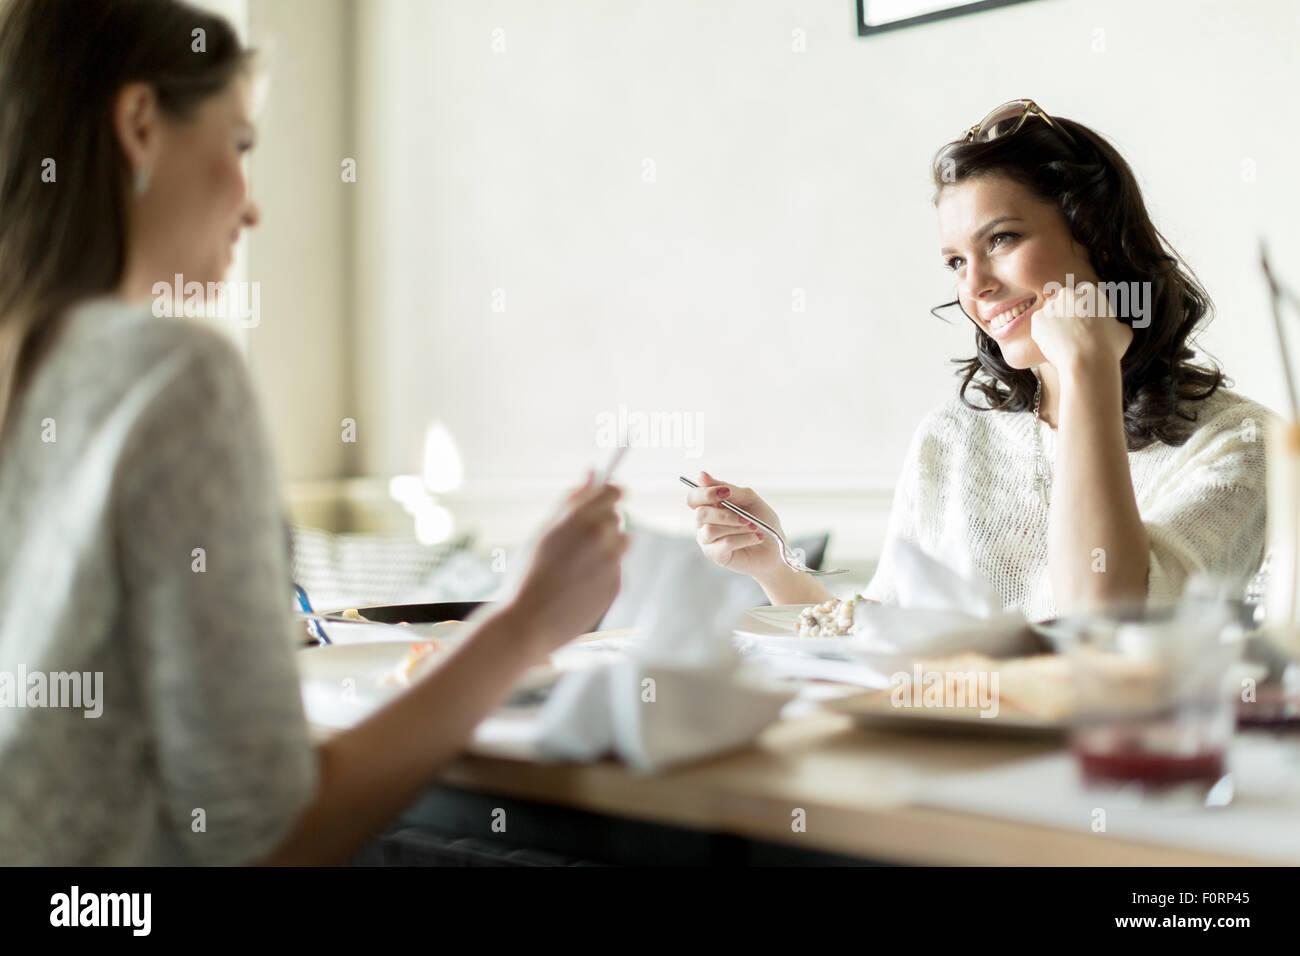 Zwei Gorgeaus Damen in einem Restaurant zu essen, während ein Gespräch Stockbild